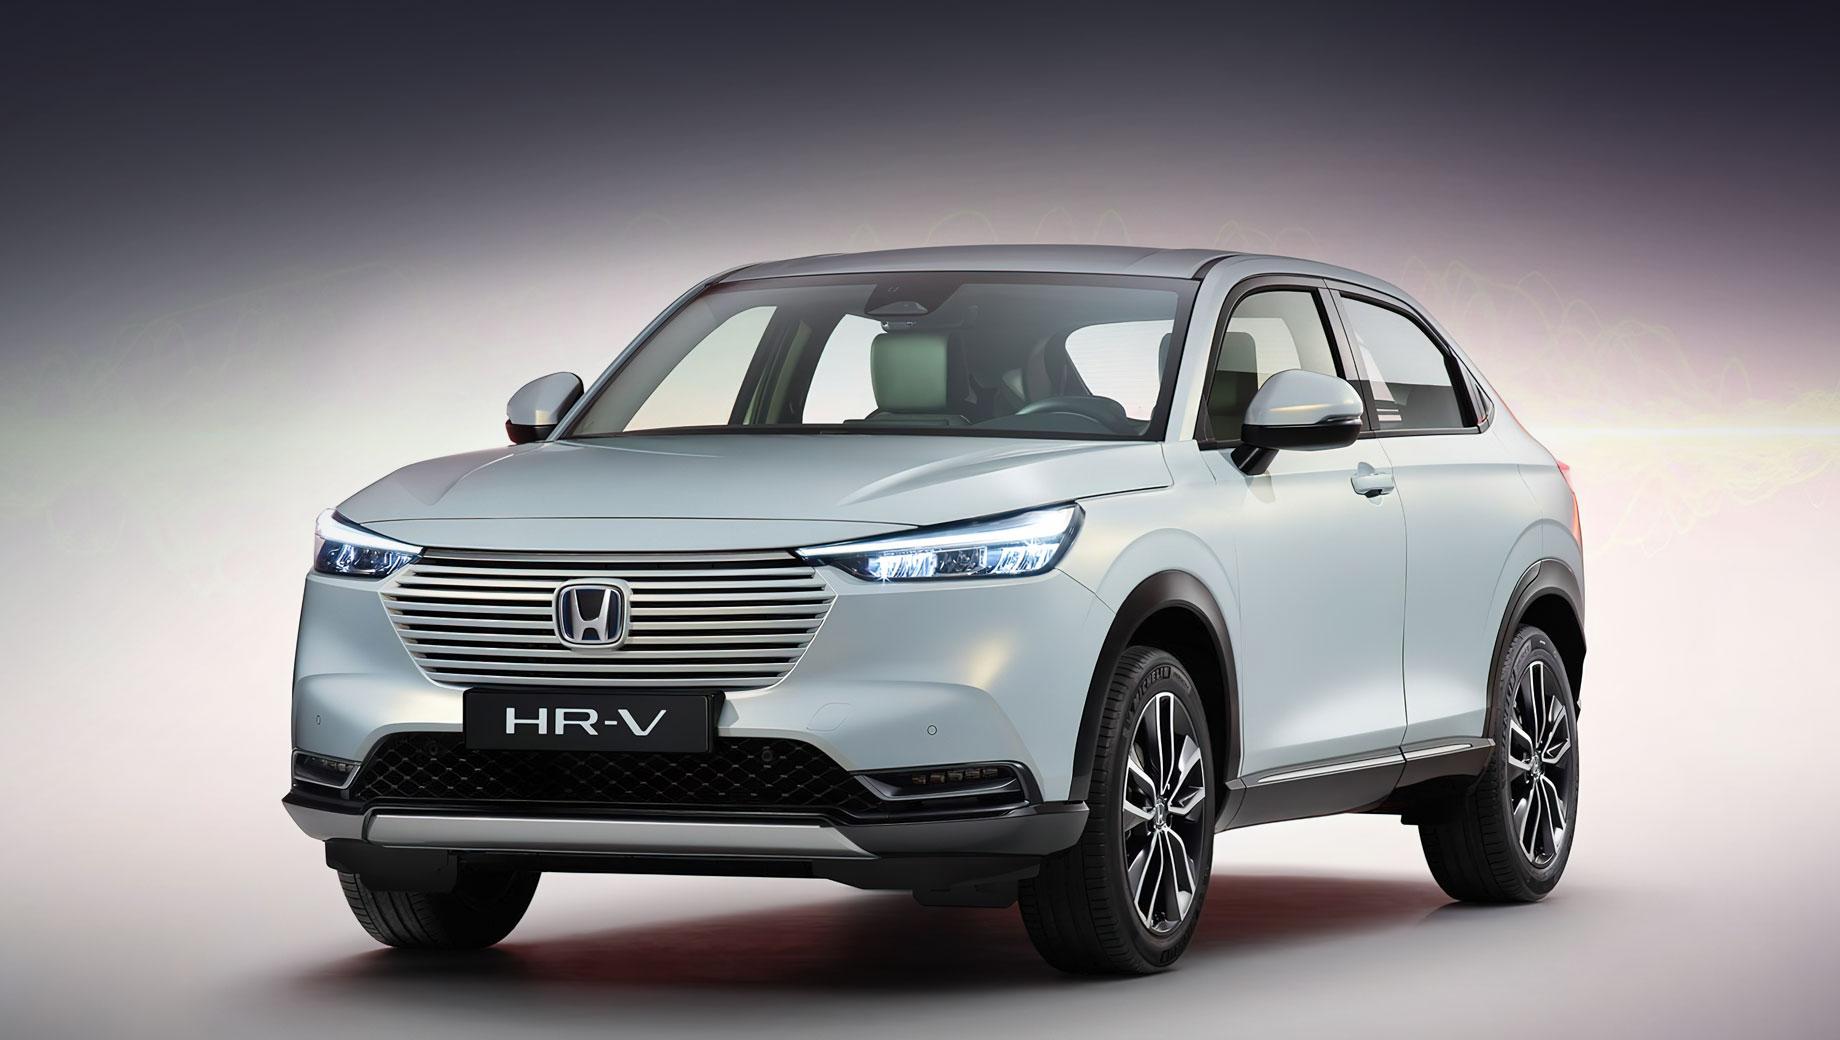 Honda hr-v,Honda vezel. Поскольку Honda прекратила автопроизводство в Европе, HR-V будет поставляться с японского завода в Йории. То есть субкомпакты для разных рынков — одинаковы внешне и «под кожей». Размеры HR-V не названы, но выручает близнец Vezel: 4330×1790×1590 мм, колёсная база — 2610, клиренс — 195 мм.